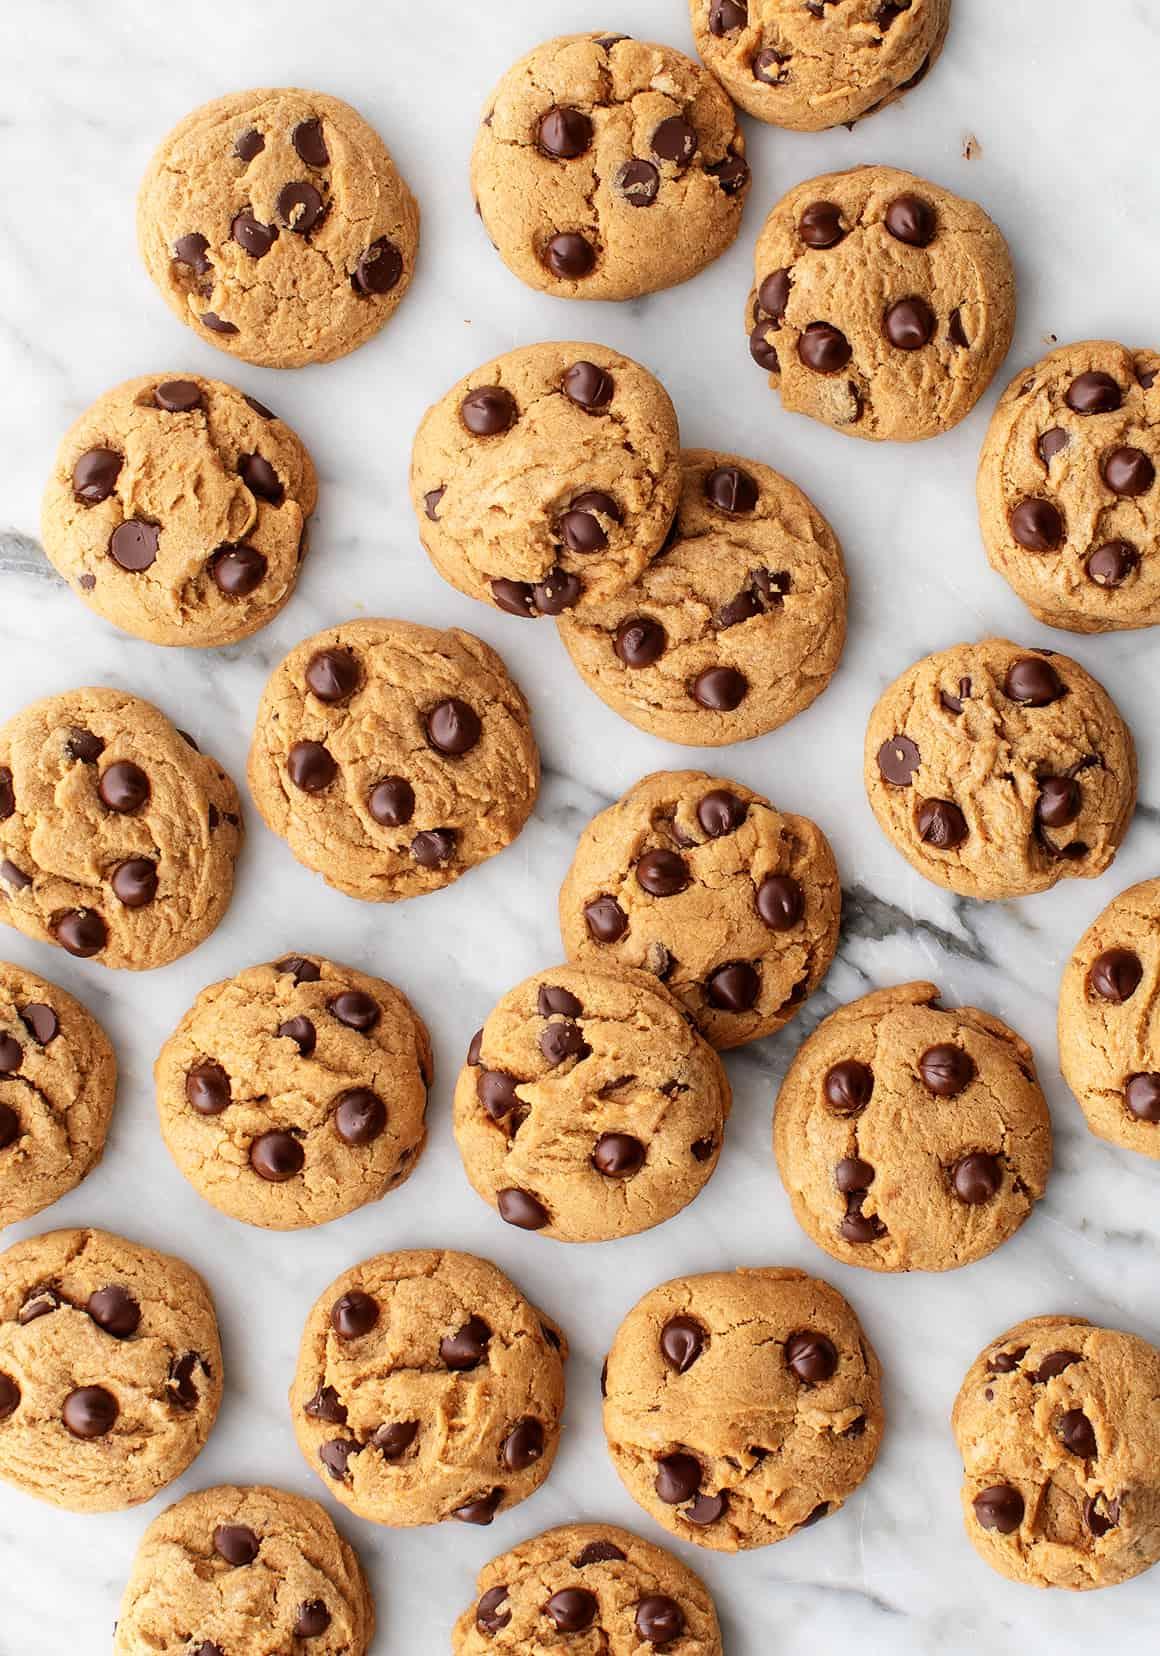 Receta vegana de galletas con chispas de chocolate